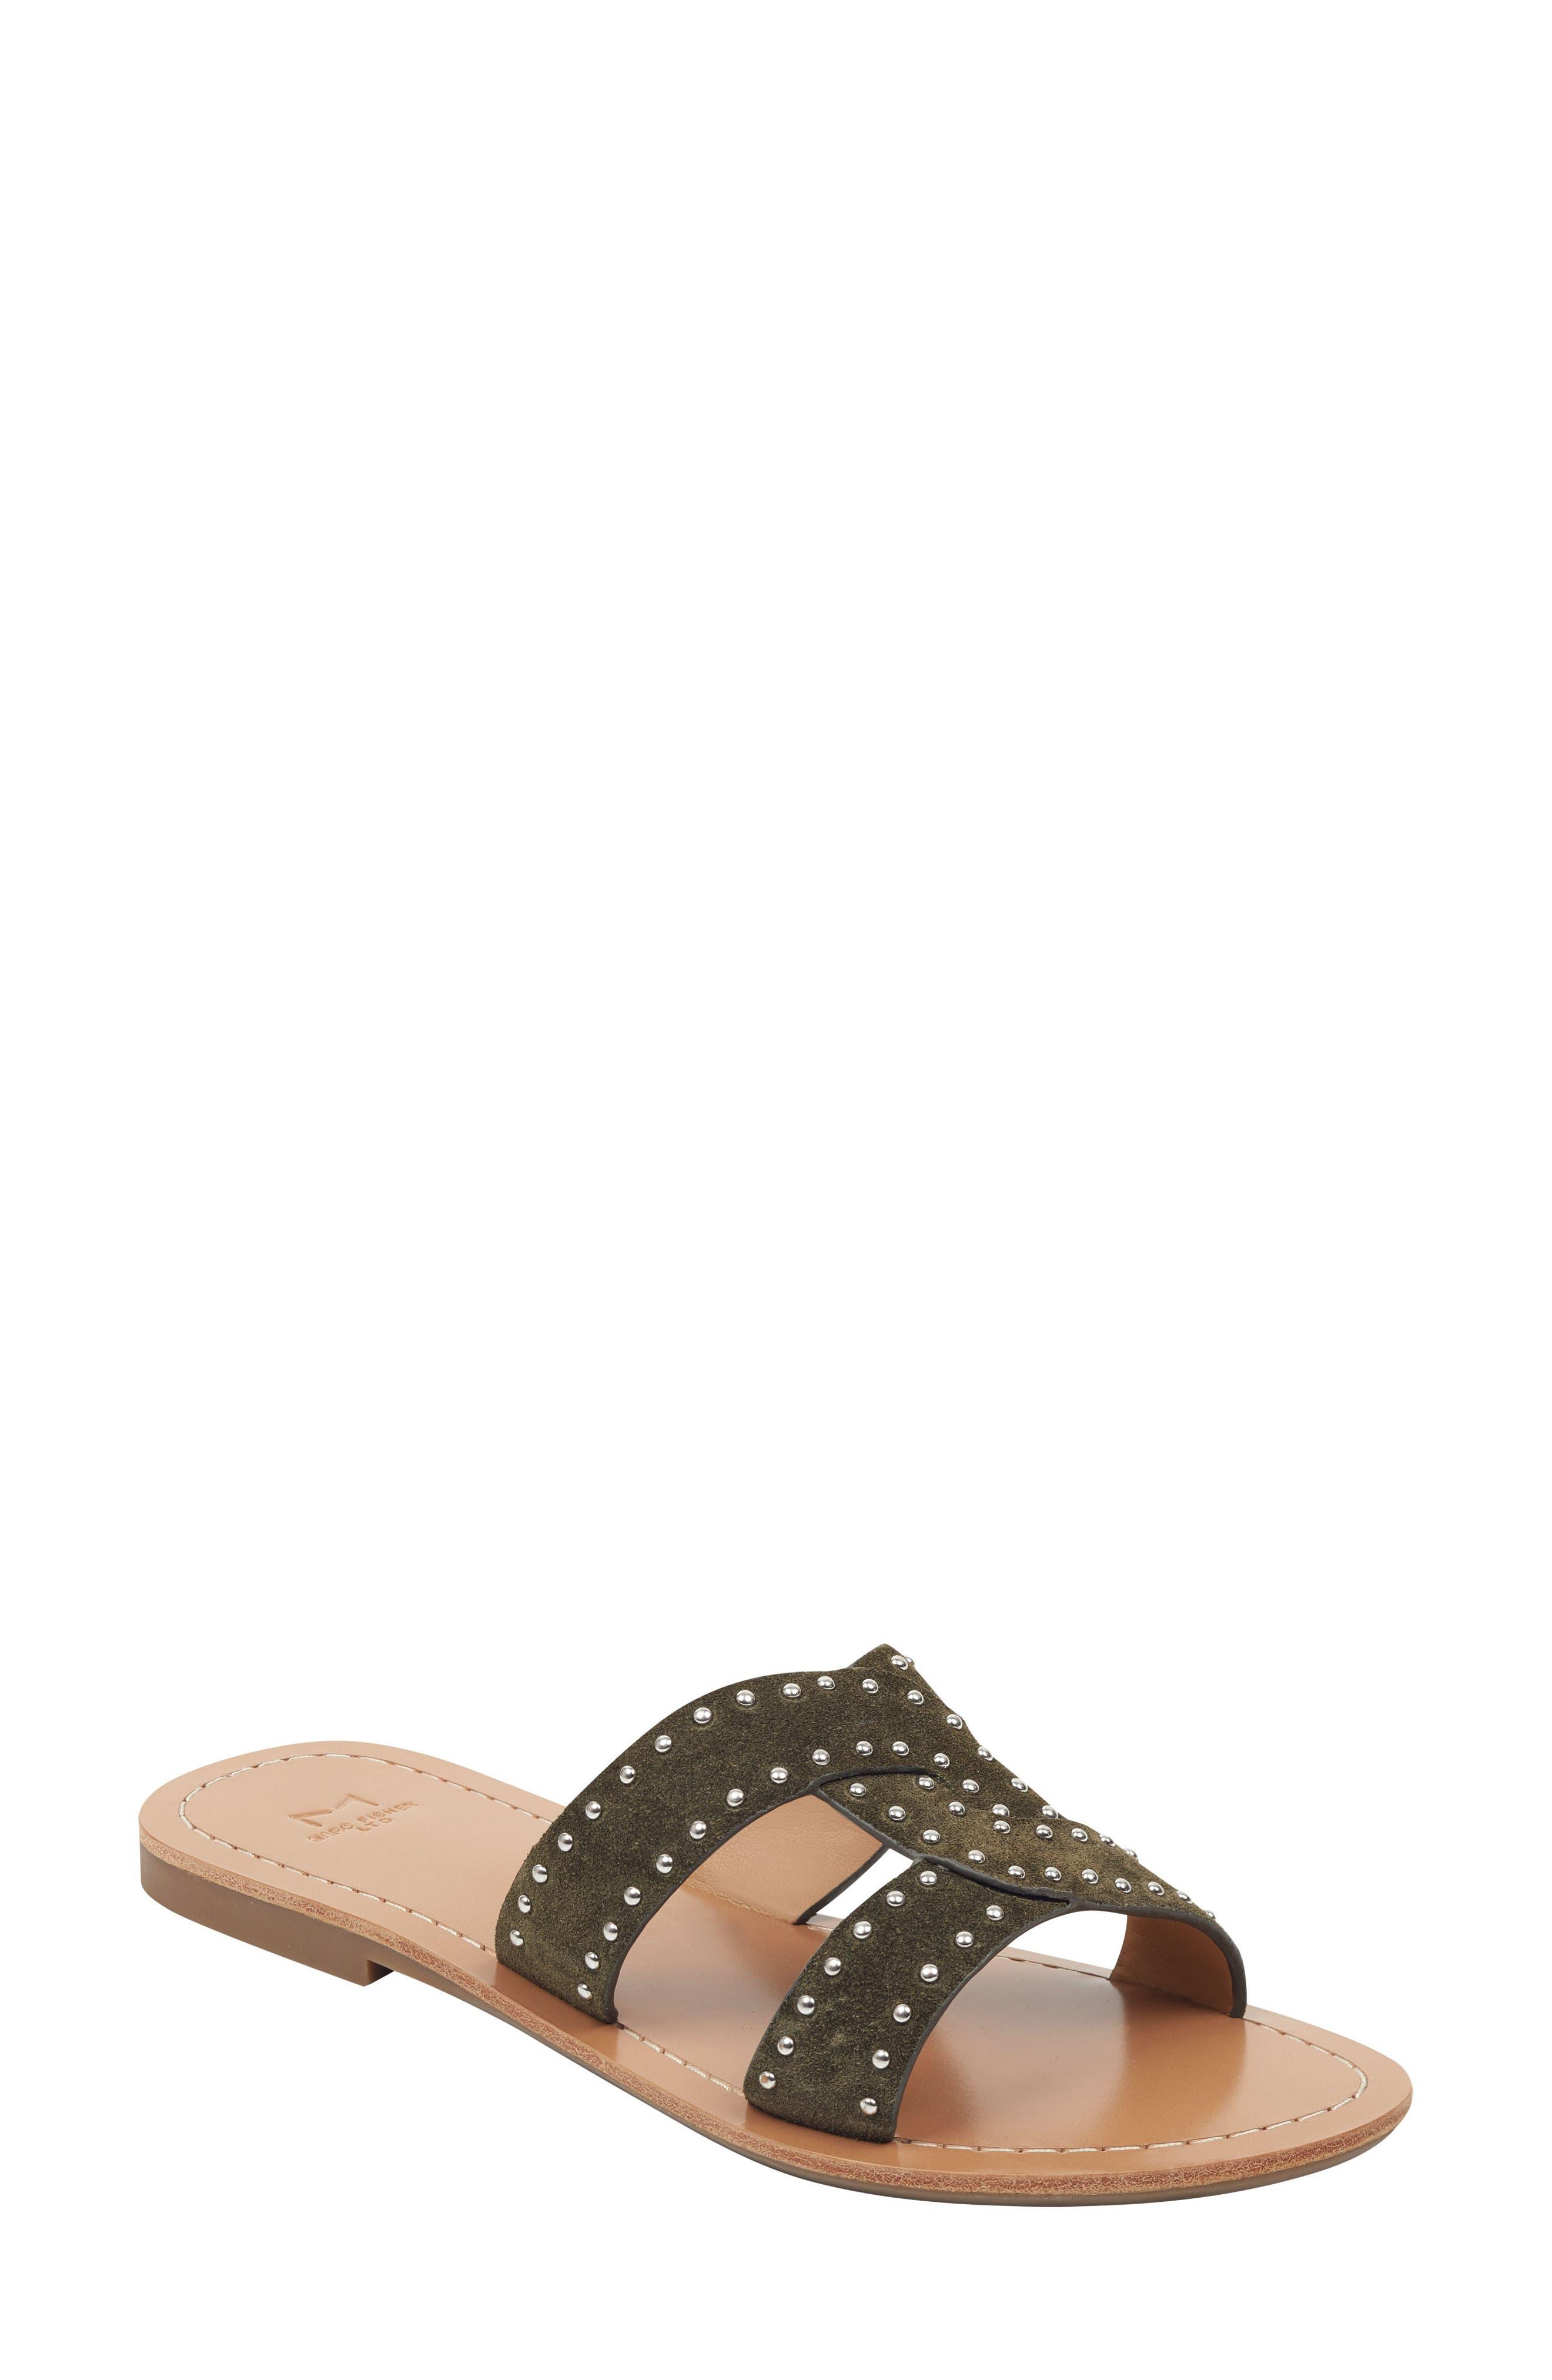 Marc Fisher Ltd Ramie Slide Sandal, Green